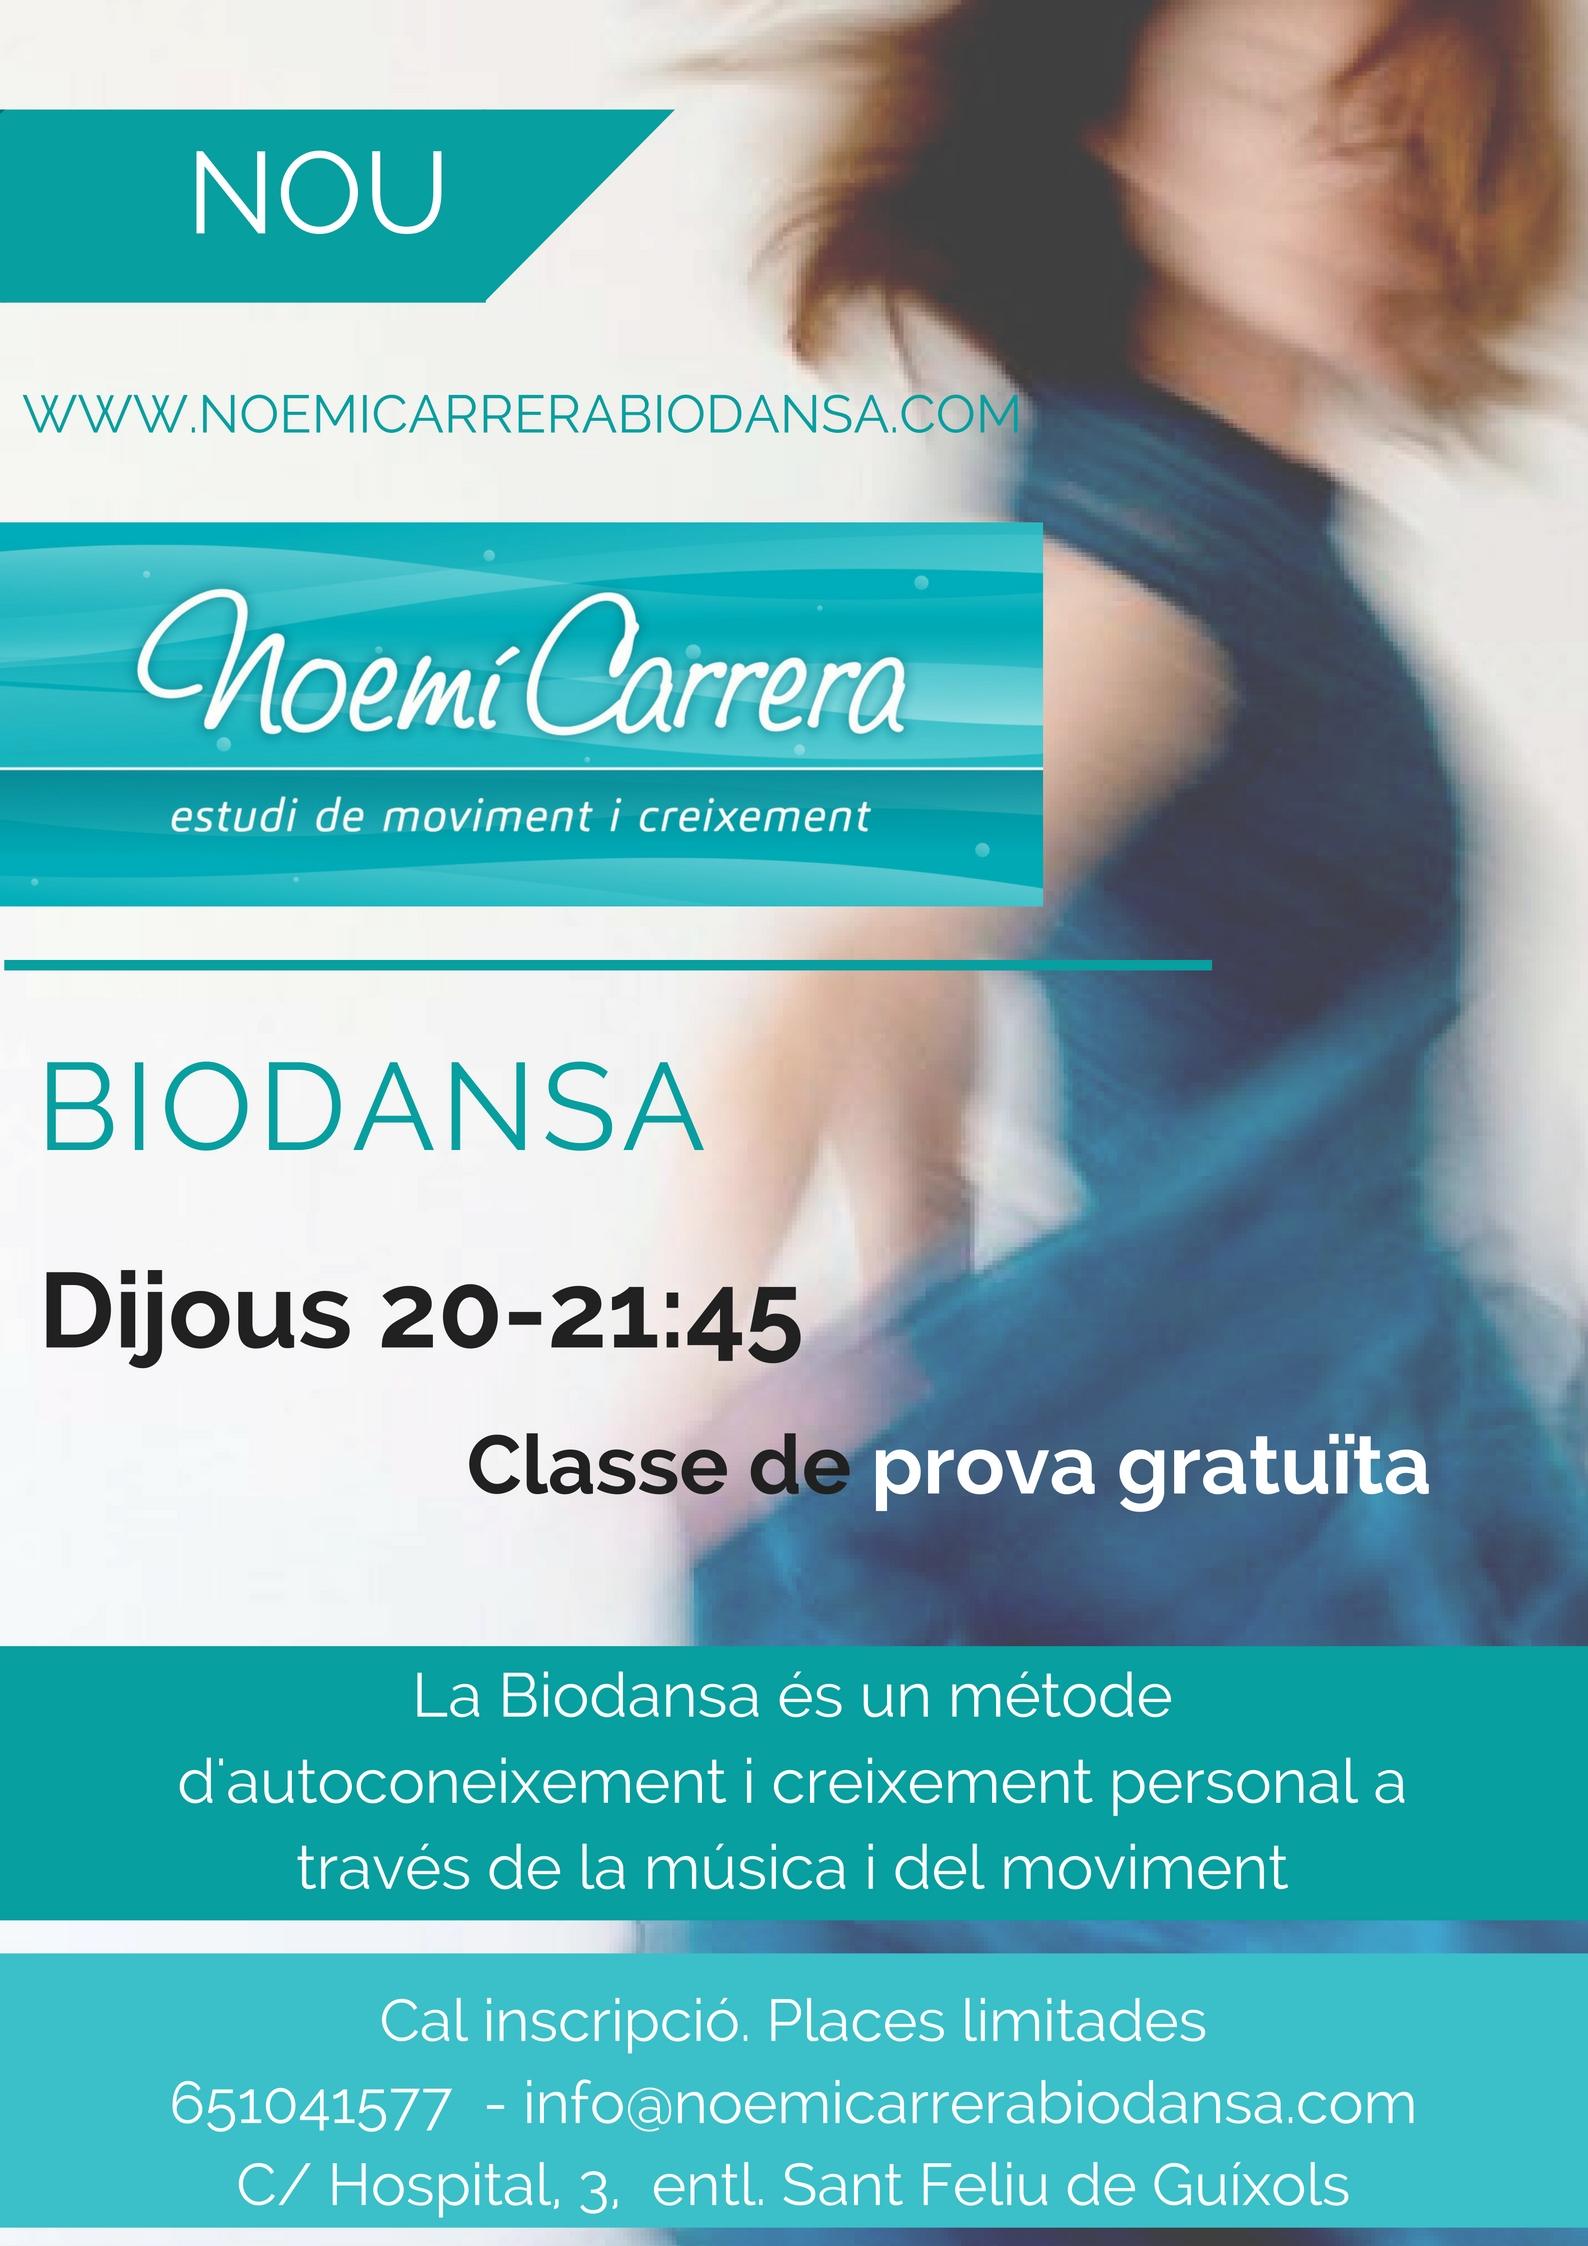 Biodansa Girona_17-18